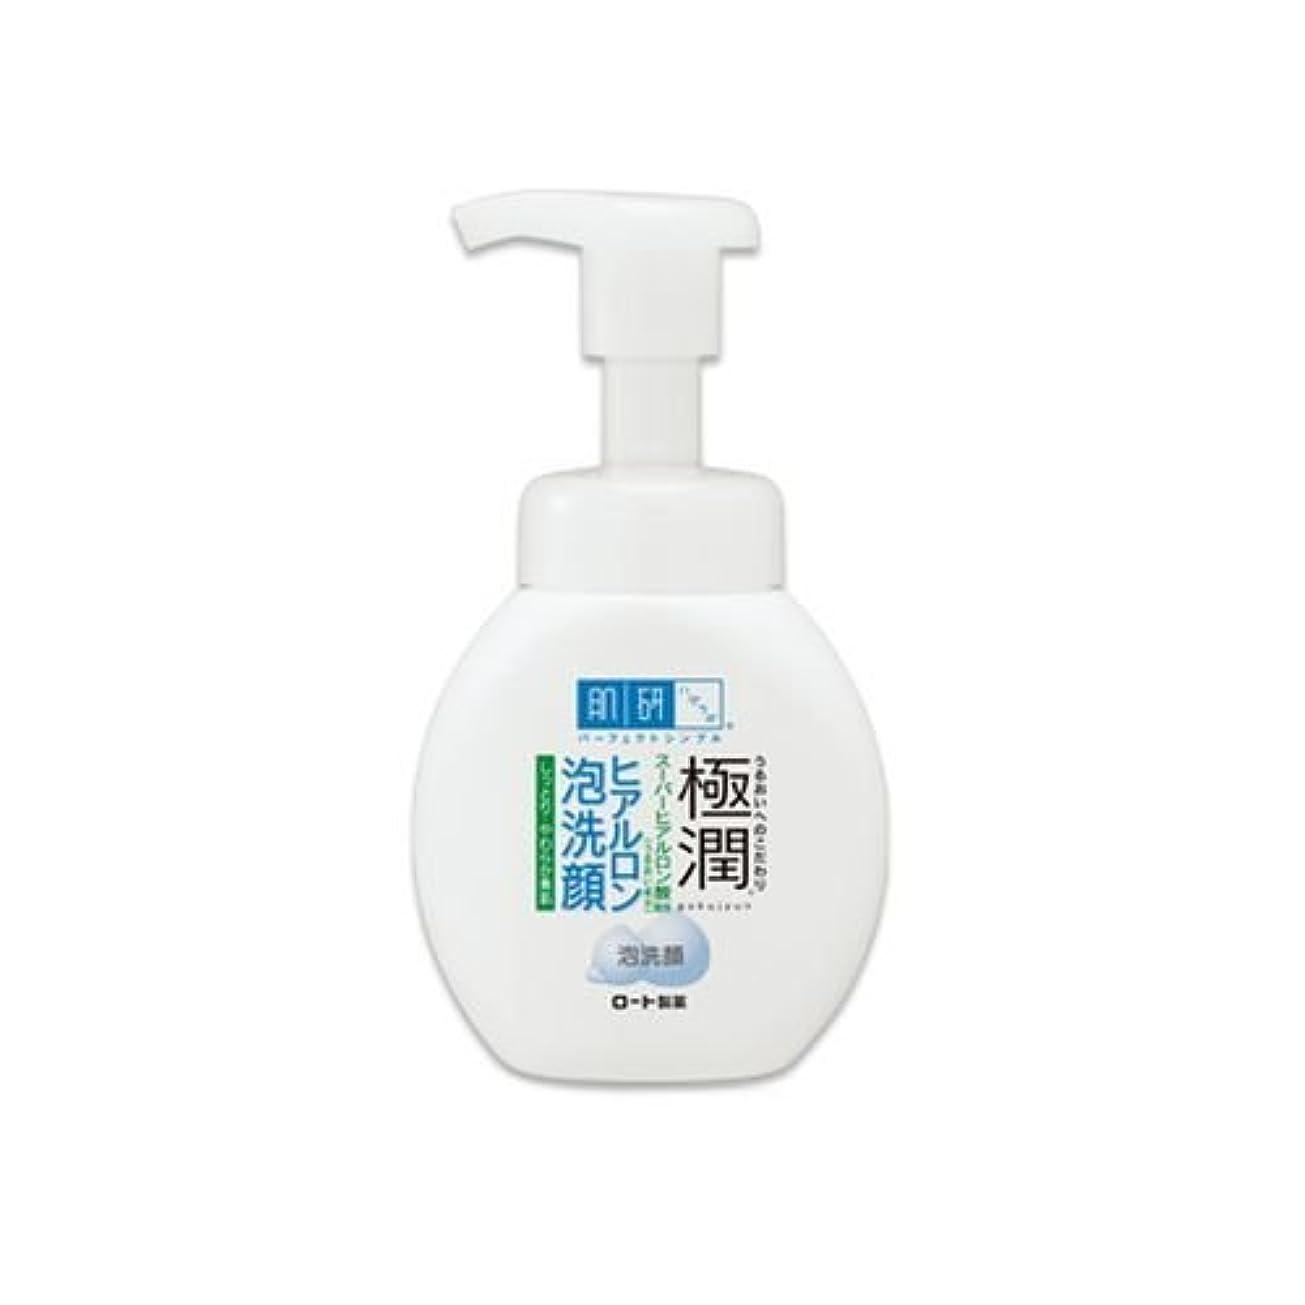 肌研(ハダラボ)極潤ヒアルロン 泡洗顔 160ml